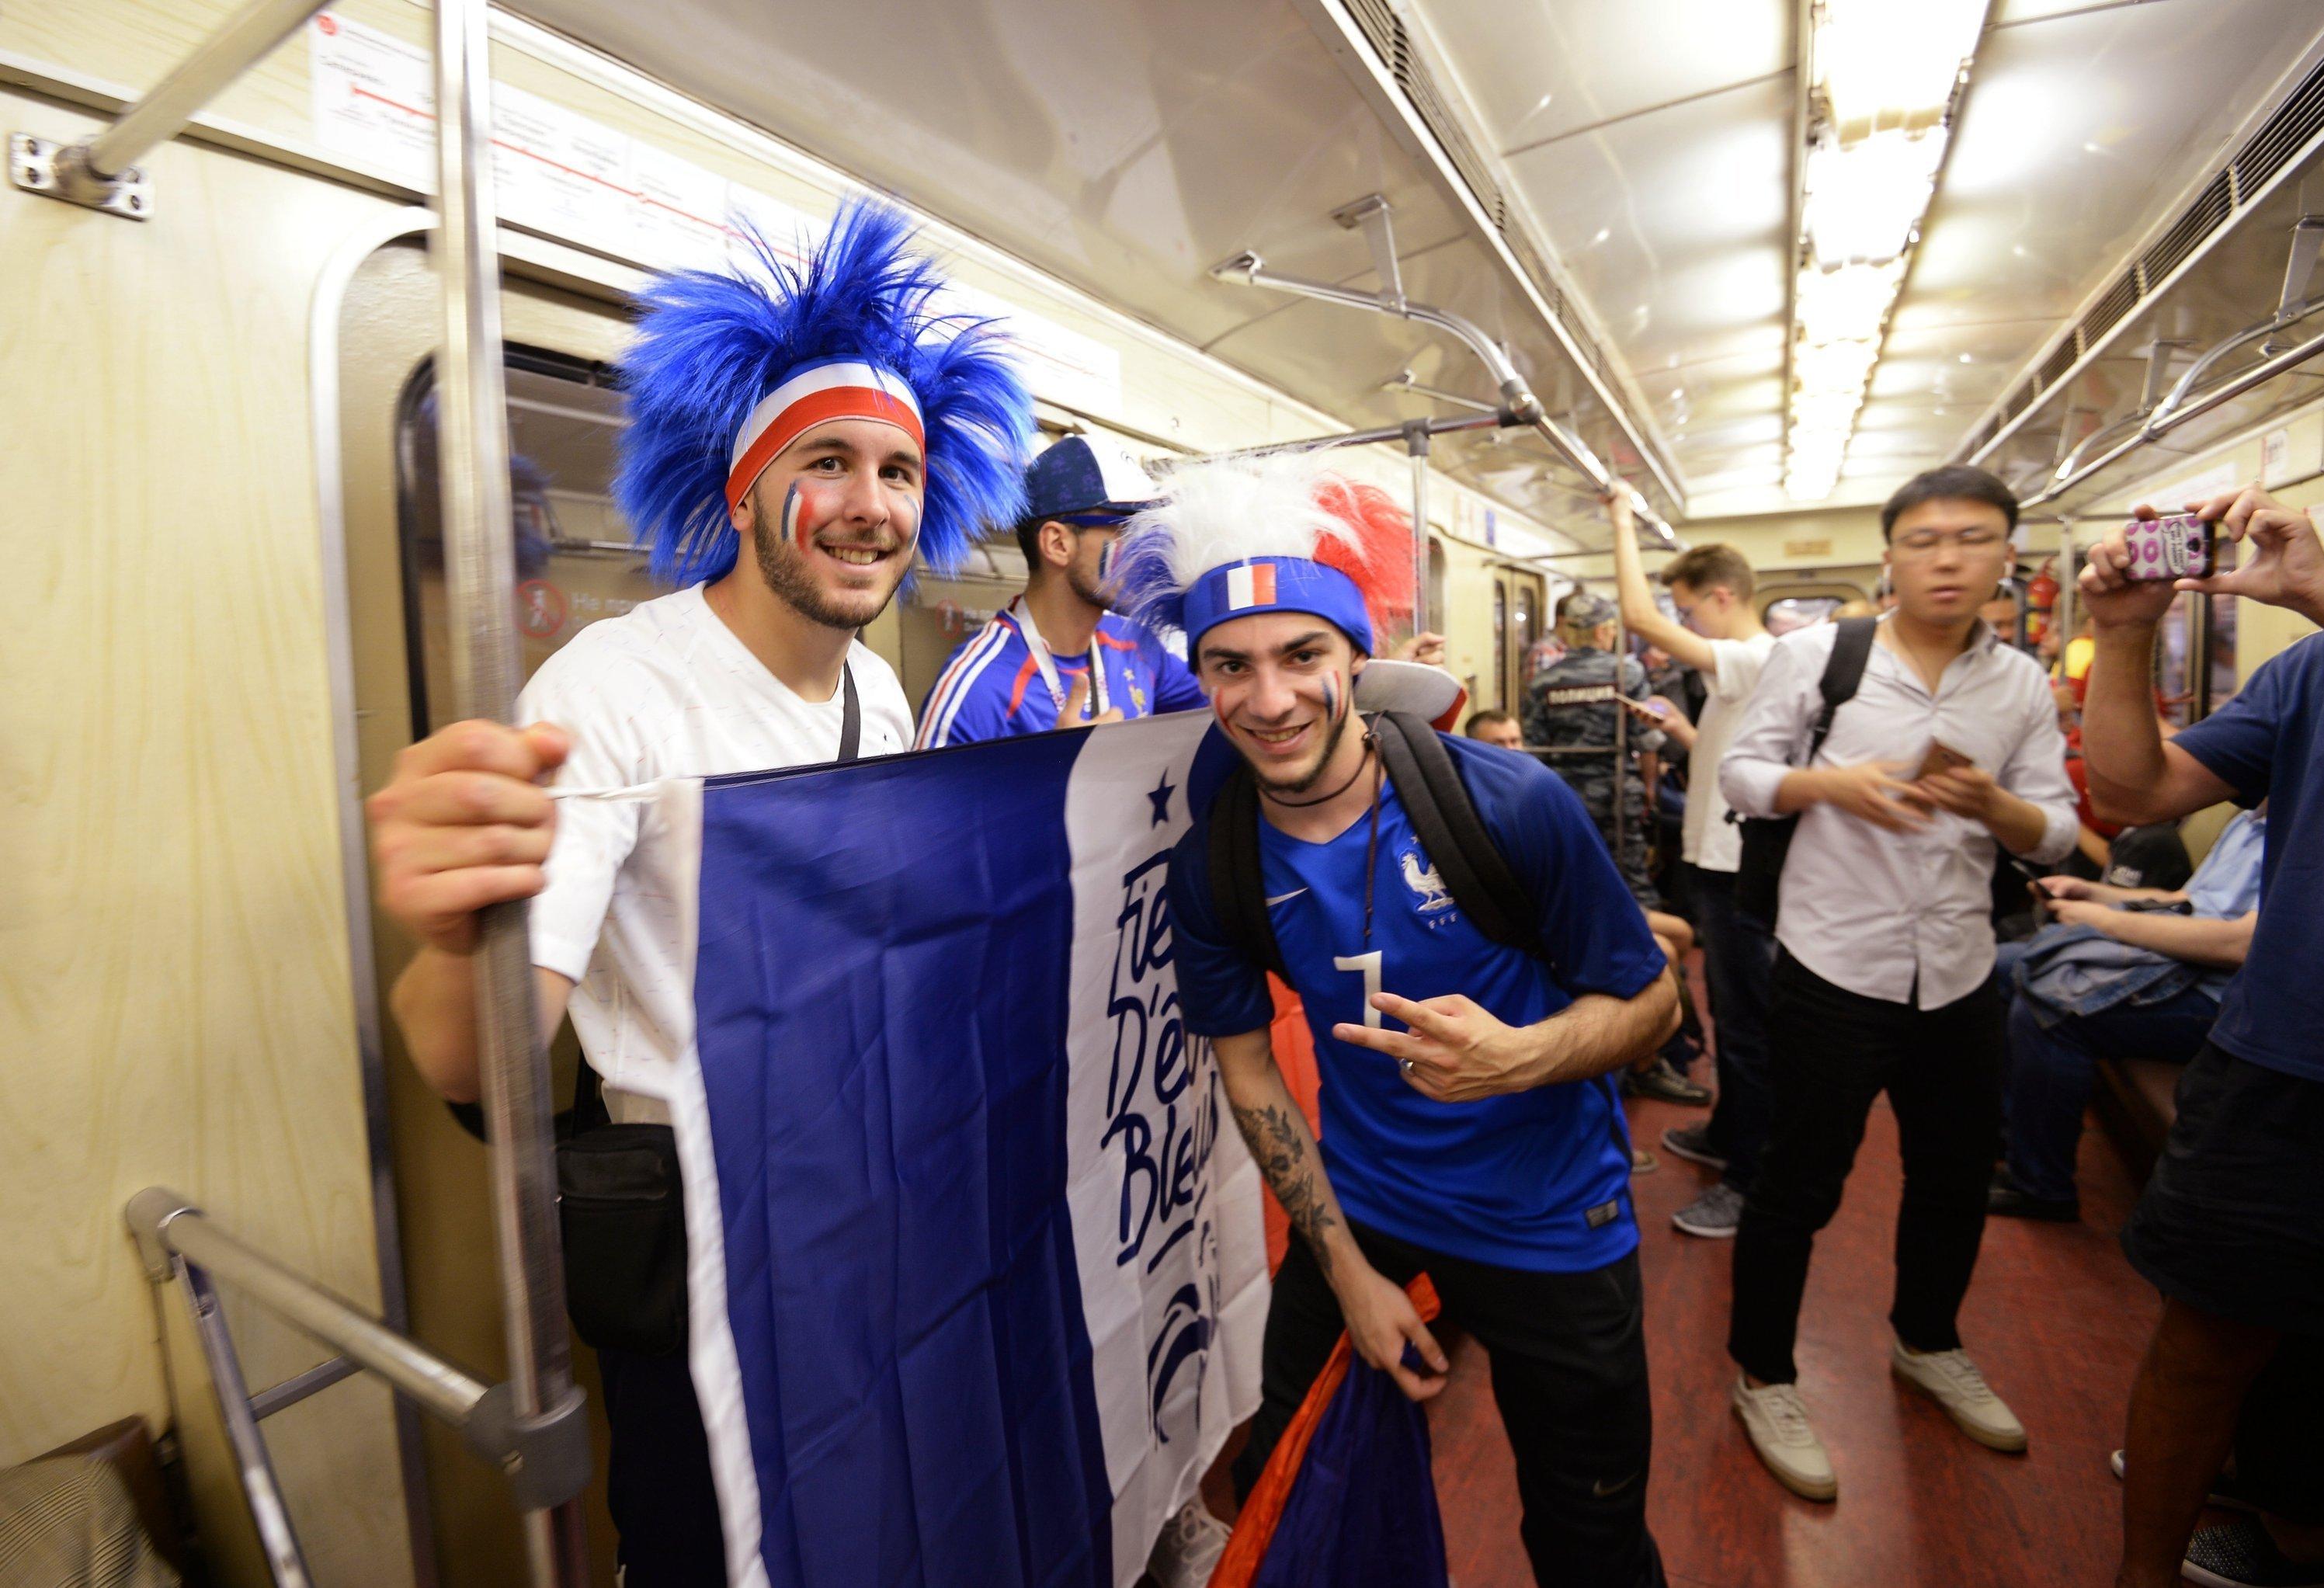 Болельщики сборной Франции в вагоне московского метро